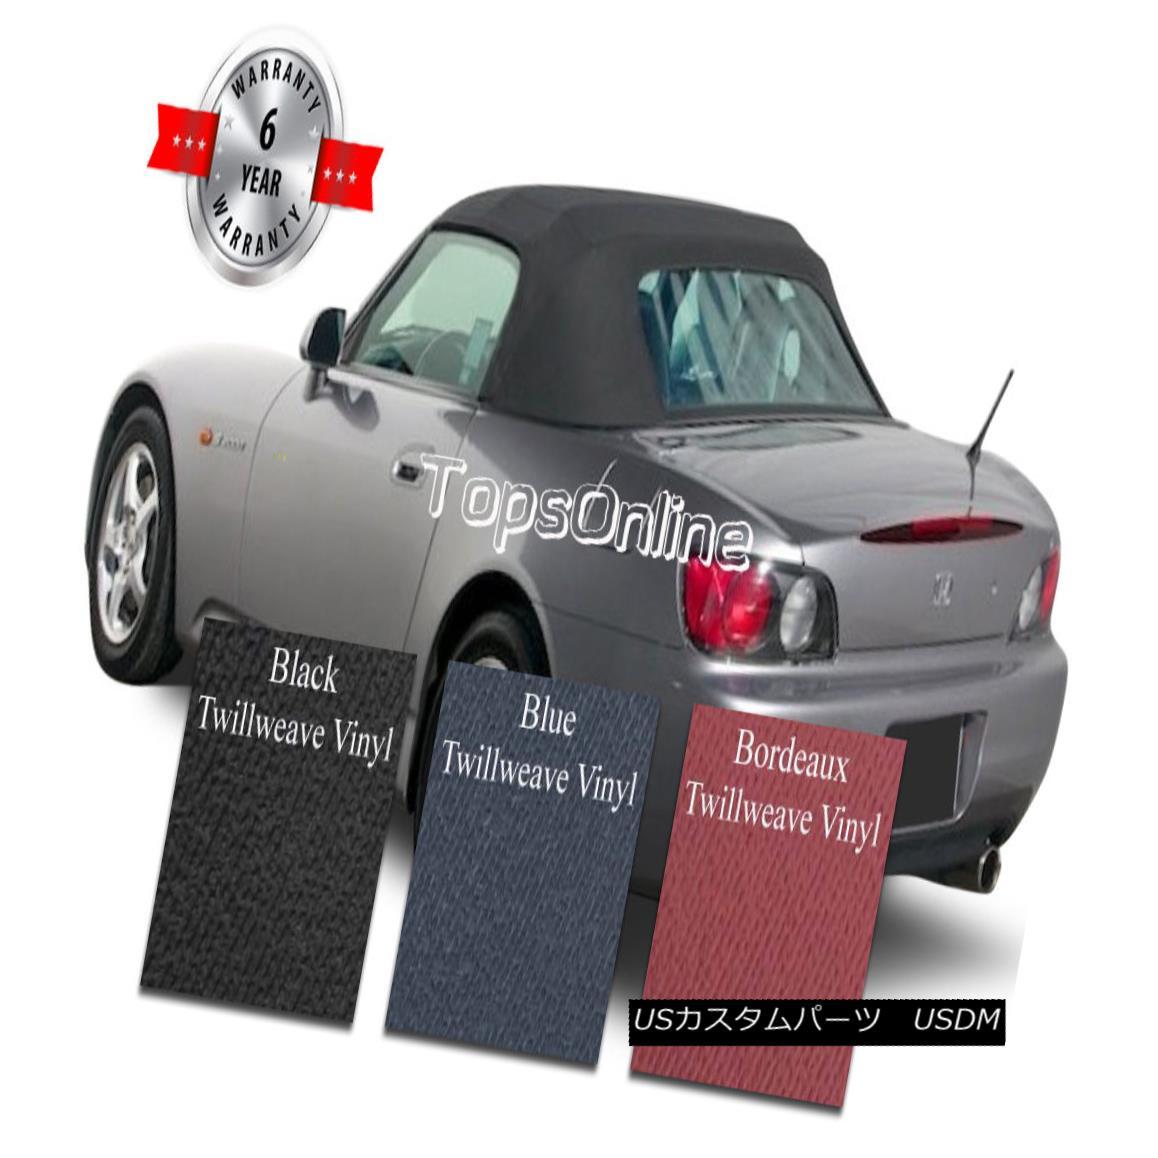 幌・ソフトトップ Honda S2000 Convertible Soft Top W/Plastic Window & Video, Twillweave 99-01 AP1 ホンダS2000コンバーチブルソフトトップW /プラスチック窓& ビデオ、Twillweave 99-01 AP1